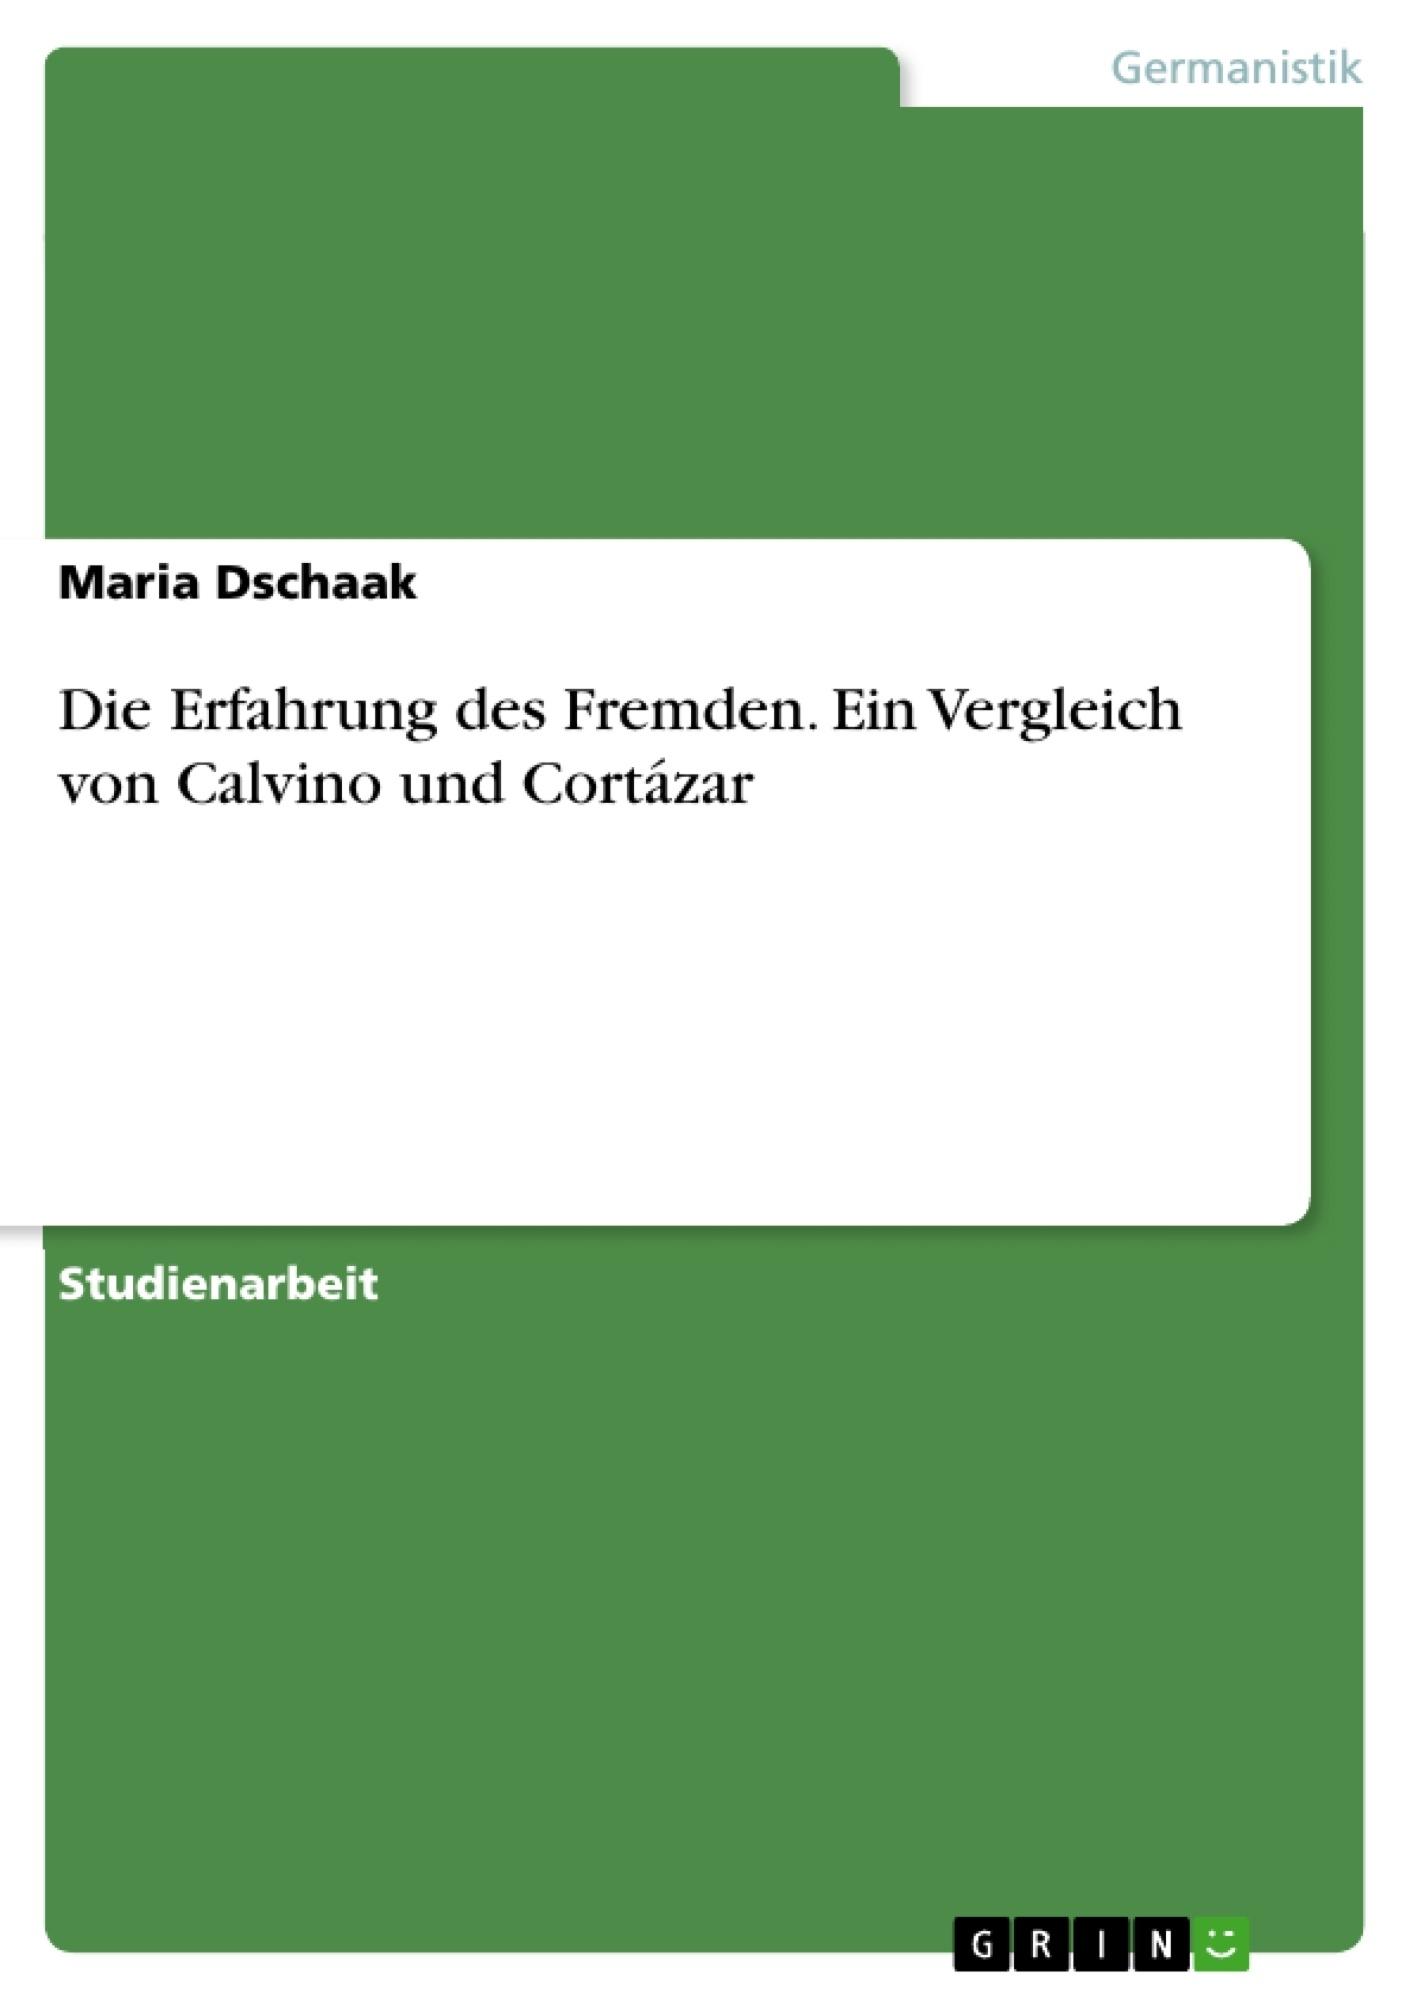 Titel: Die Erfahrung des Fremden. Ein Vergleich von Calvino und Cortázar